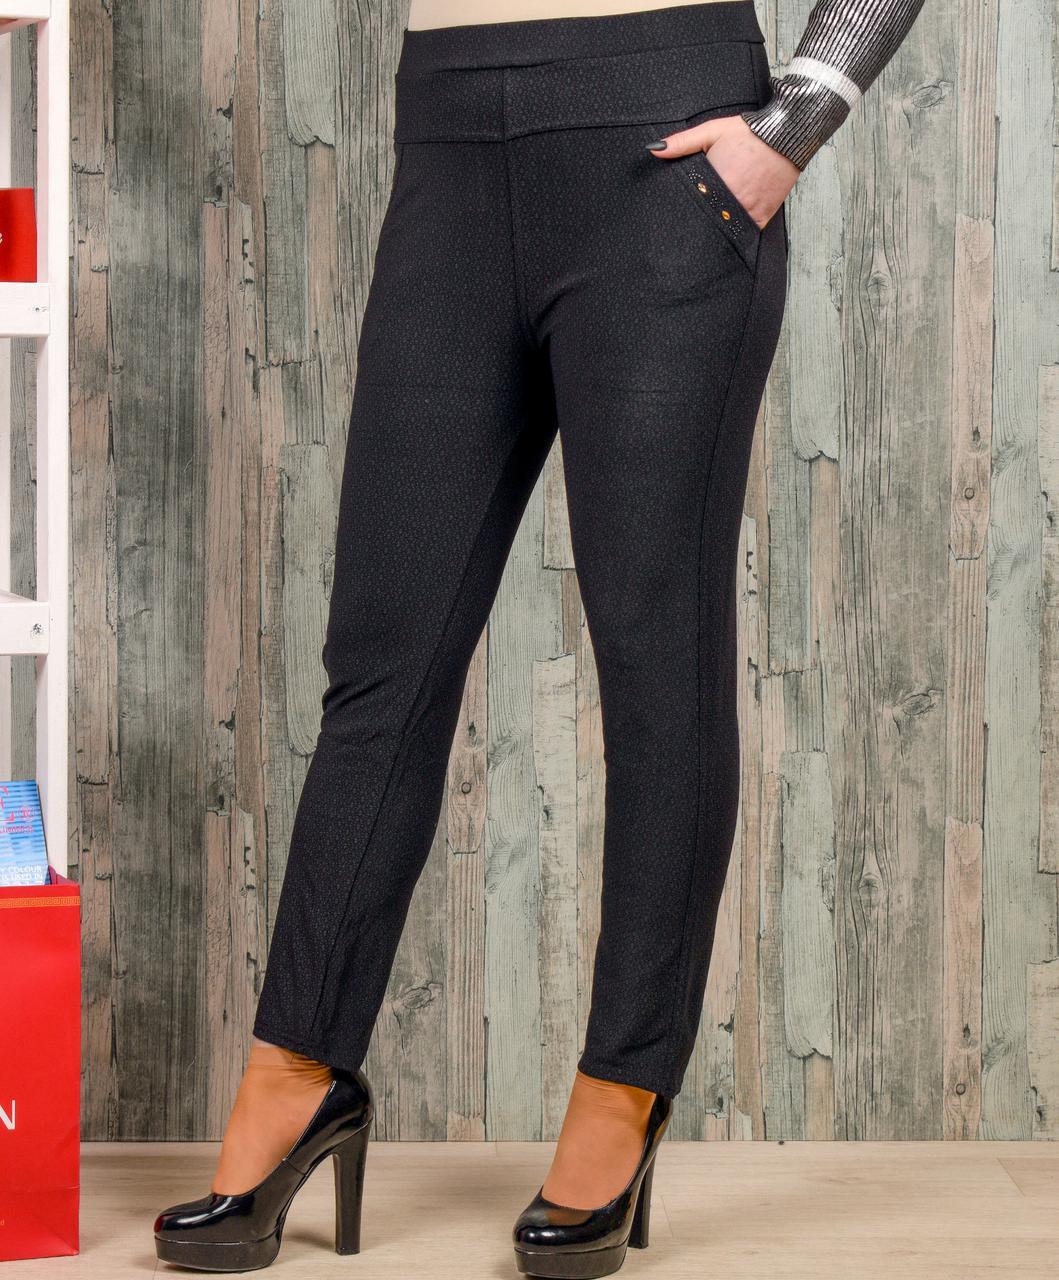 Женские брюки со стразиками на карманах Алия 1211-1 L-2XL. Размер 46-5